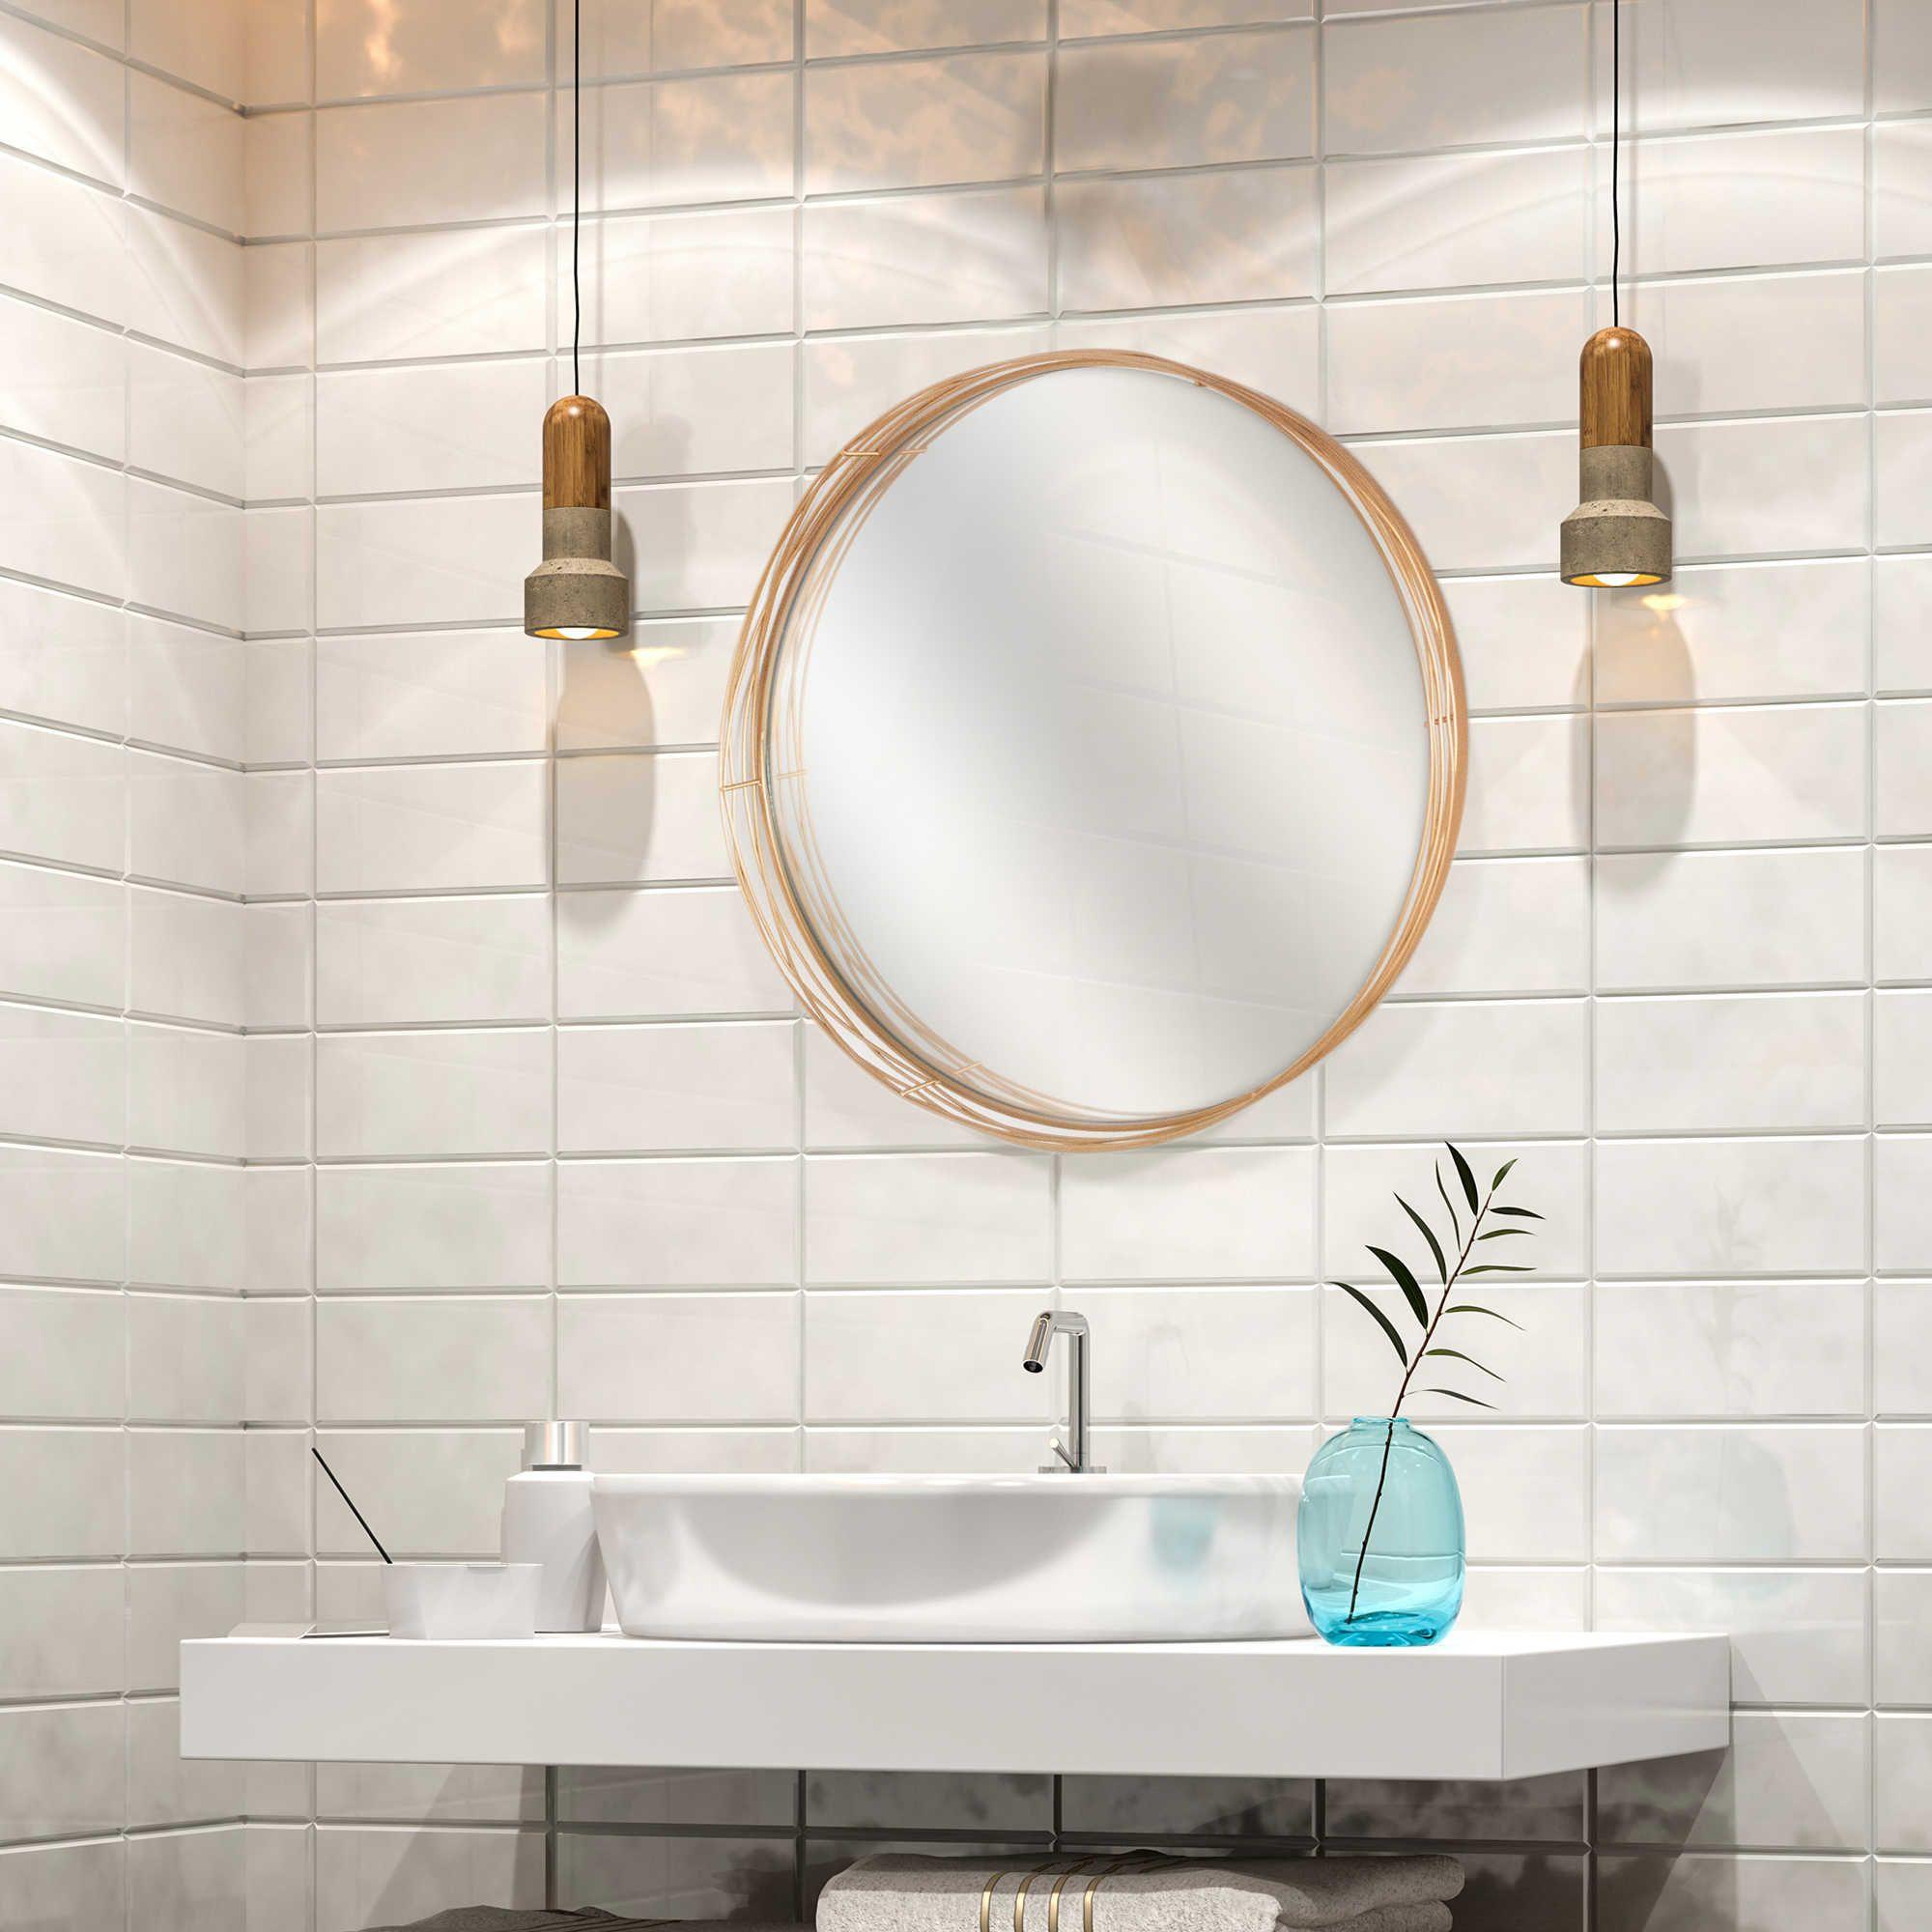 Elsa L Mirrors 24 Inch Round Wire Nest Mirror In Brass Mirror Round Mirror Bathroom Brass Bed 24 inch round mirror